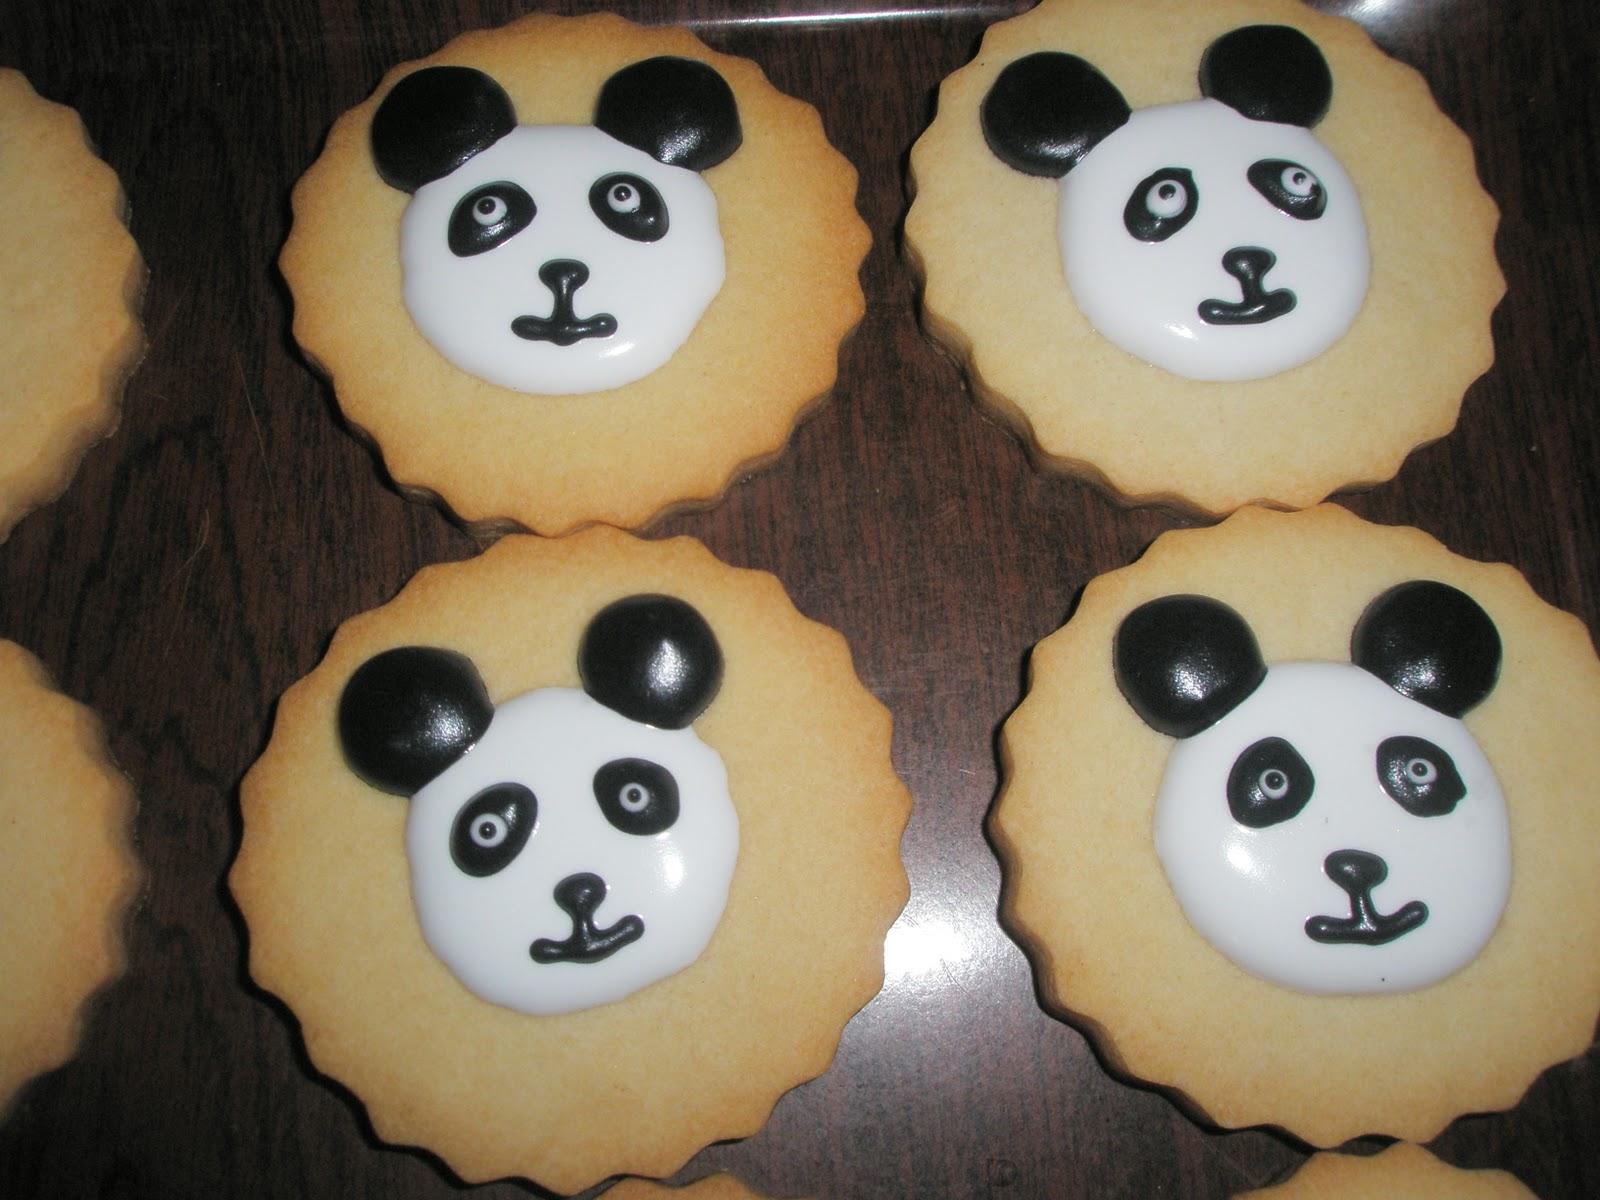 Saborea Una Sonrisa Galletas Oso Panda